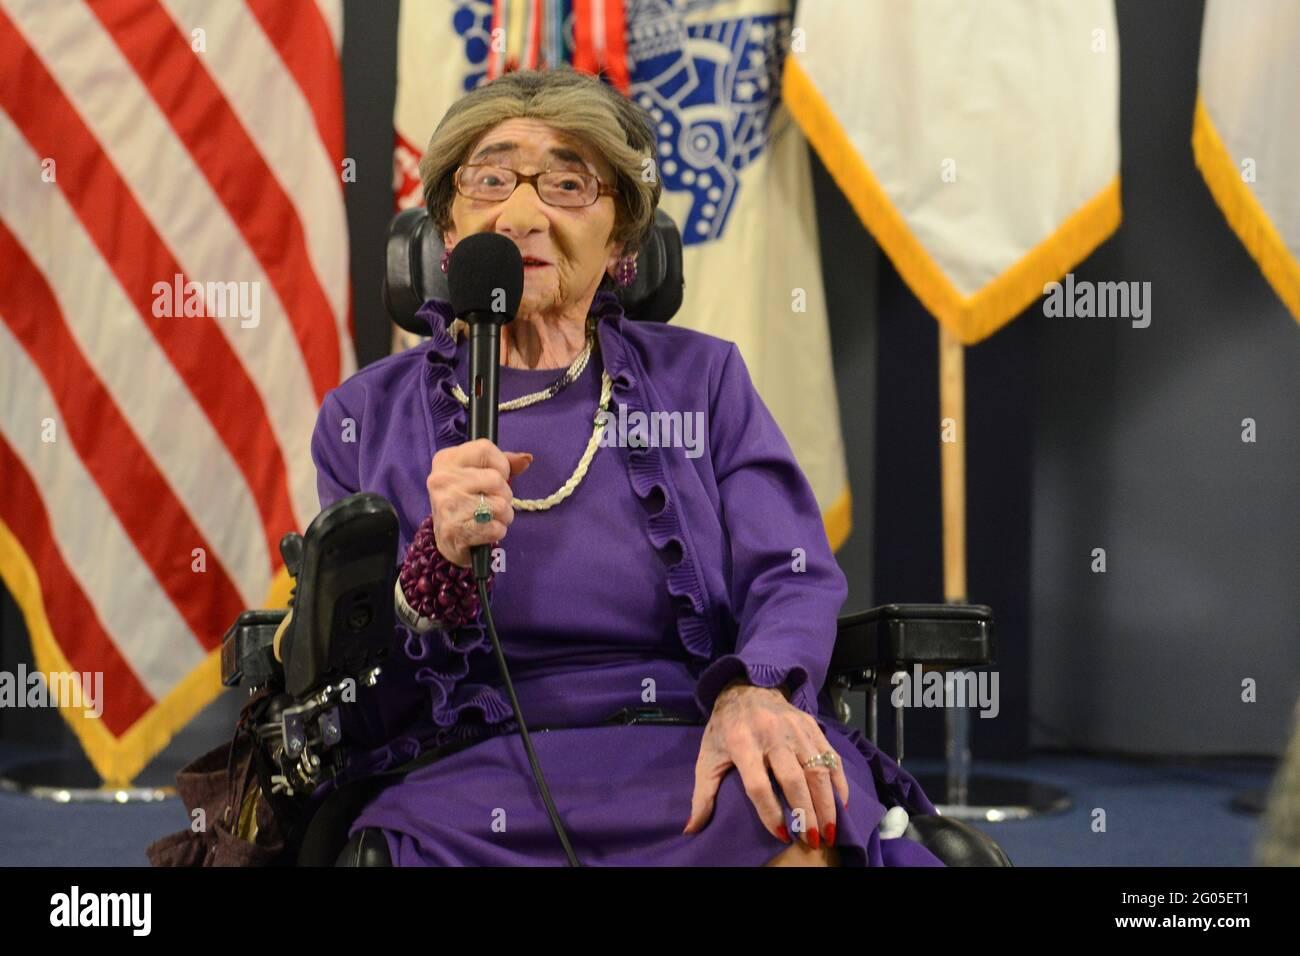 Reportage: Alyce Dixon, vétéran de l'Armée de terre de la Seconde Guerre mondiale, âgée de 106 ans, parle de ses expériences en tant que membre du corps d'Armée des femmes, lors d'un événement du mois de l'histoire des femmes au Pentagone, le 31 mars 2014. M. Dixon a reçu un prix femmes de caractère, de courage et d'engagement du ministère de l'Armée de terre, ainsi qu'un certificat d'appréciation du mois de l'histoire des femmes. Pendant la Seconde Guerre mondiale, Dixon a servi en Europe comme membre du 6888e Bataillon central de l'annuaire postal. La 6888e était la seule unité de femmes afro-américaines du WAC à servir outre-mer en Angleterre et en France pendant le culte Banque D'Images